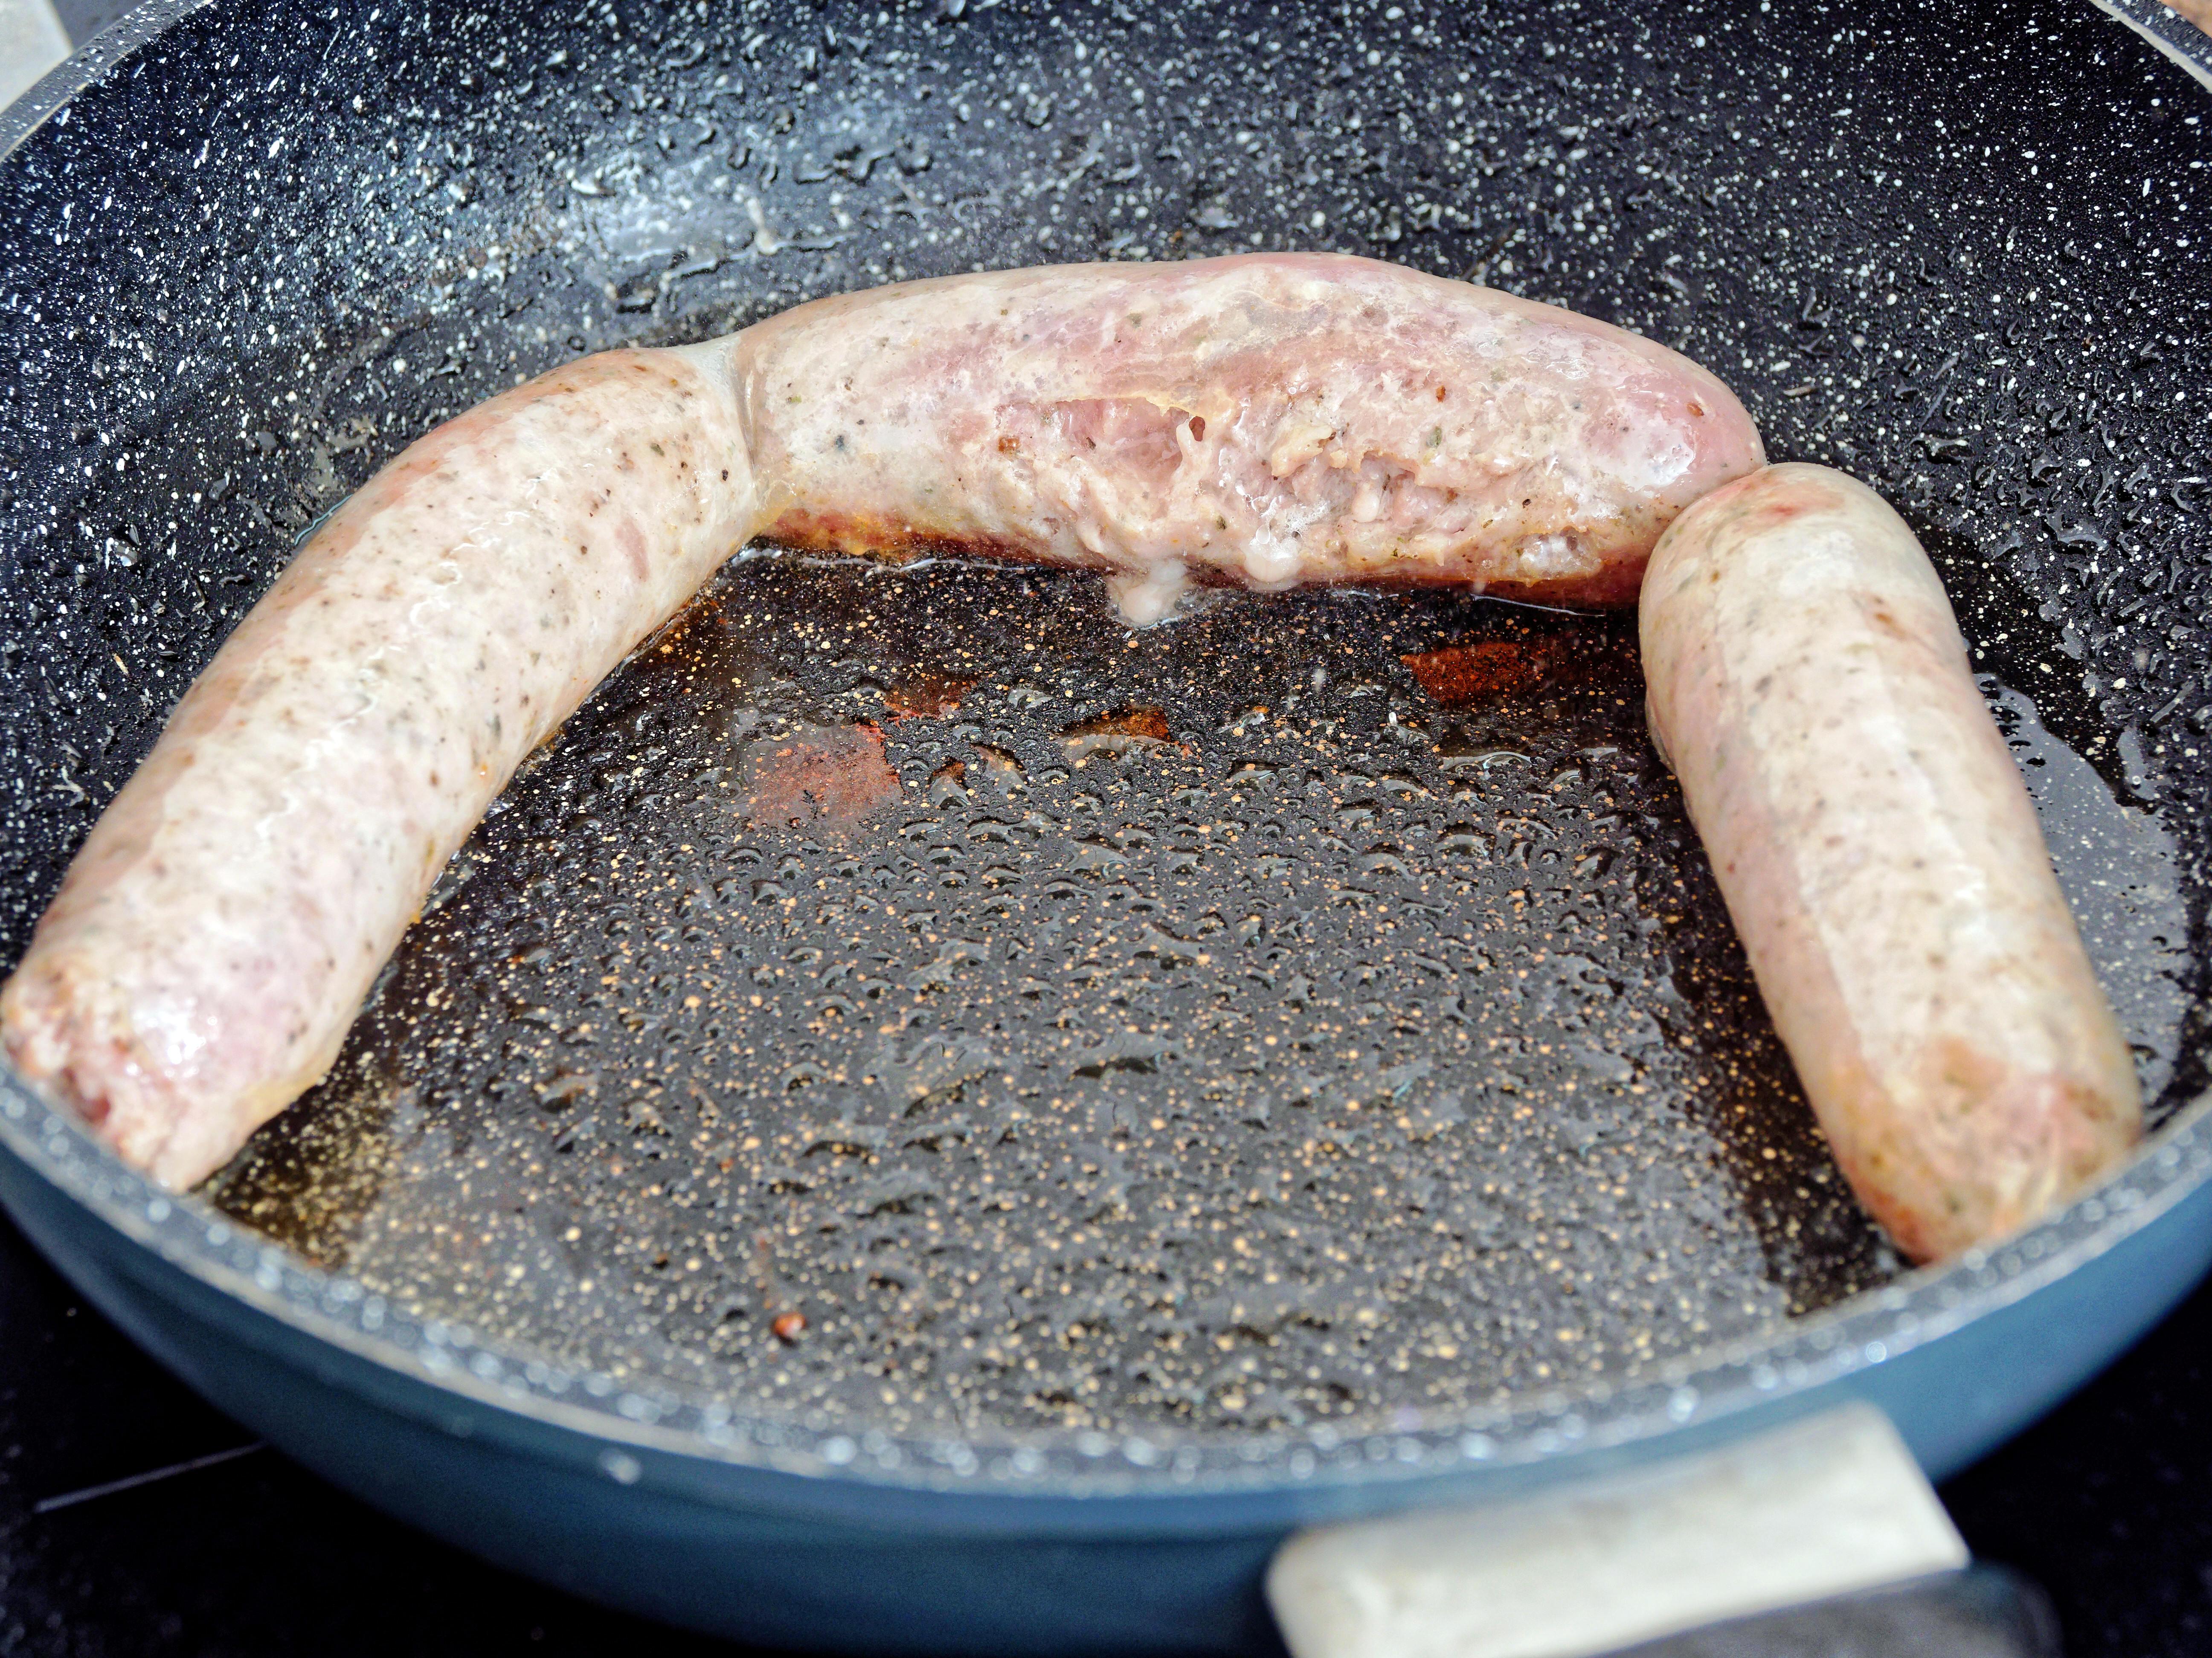 Making-sausages-35.jpeg